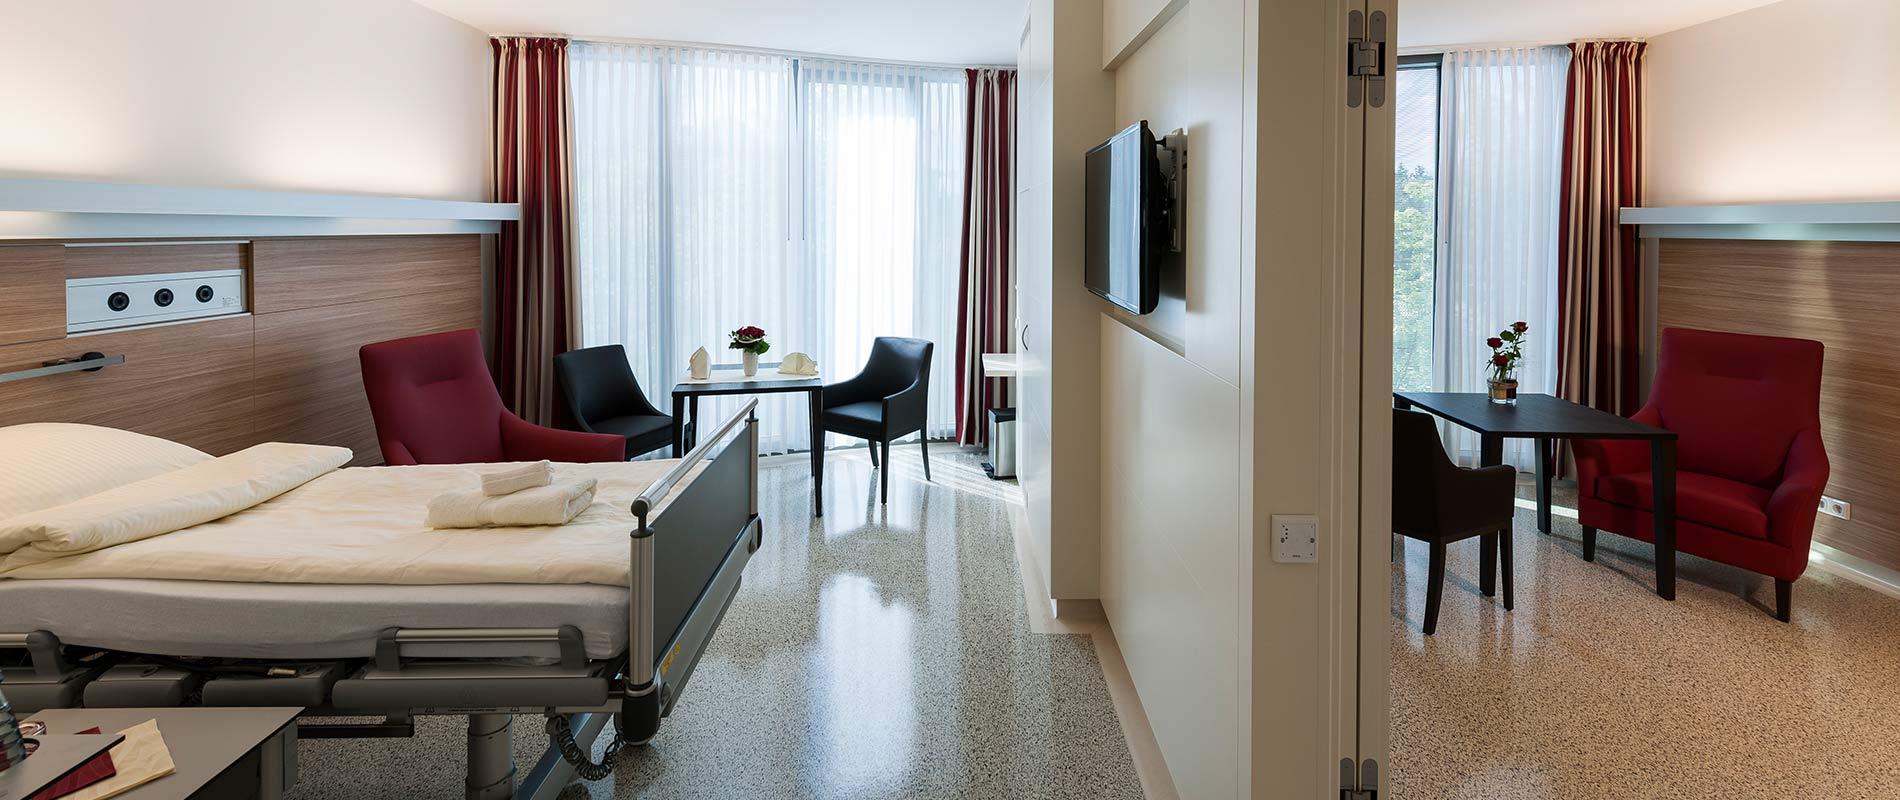 hdz-patientenzimmer-suite-verbindungstuer